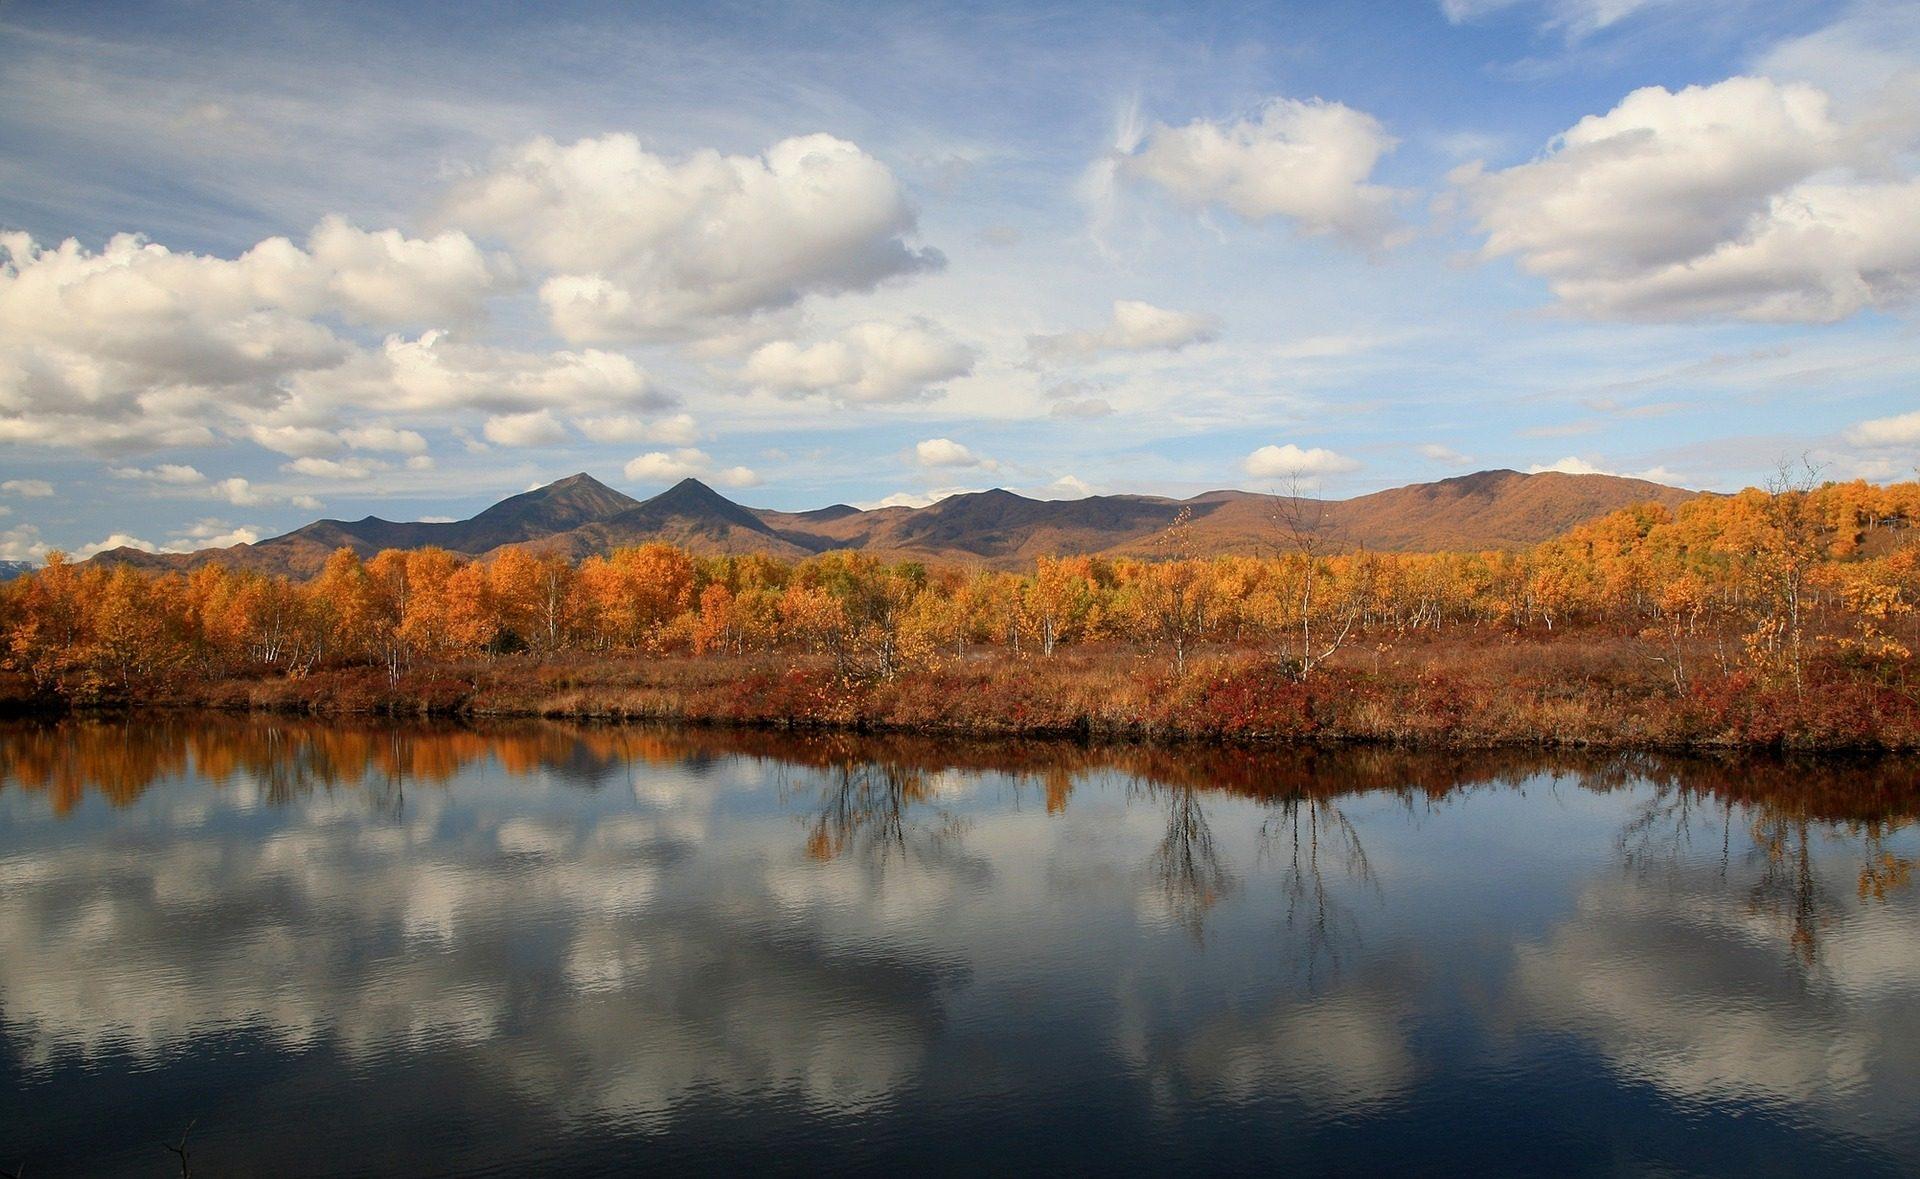 Montagna, alberi, riflessione, Cielo, nuvole, autunno - Sfondi HD - Professor-falken.com